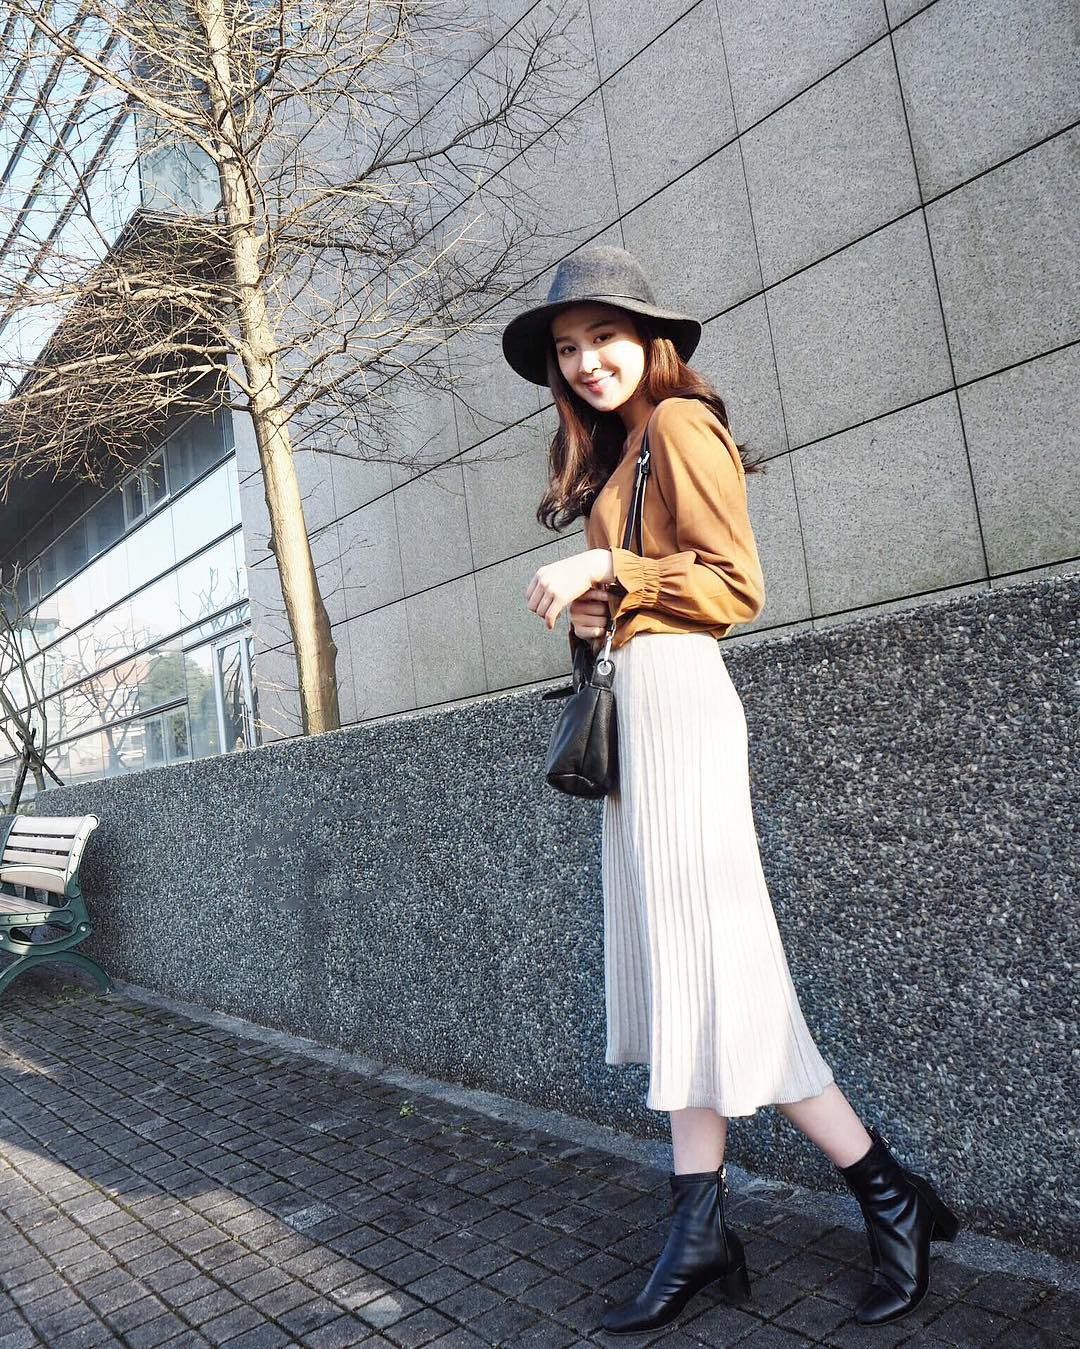 Váy/chân váy mix cùng boots: Công thức mùa lạnh năm nào cũng hot nhưng mặc thế nào để vừa đẹp lại tôn dáng?